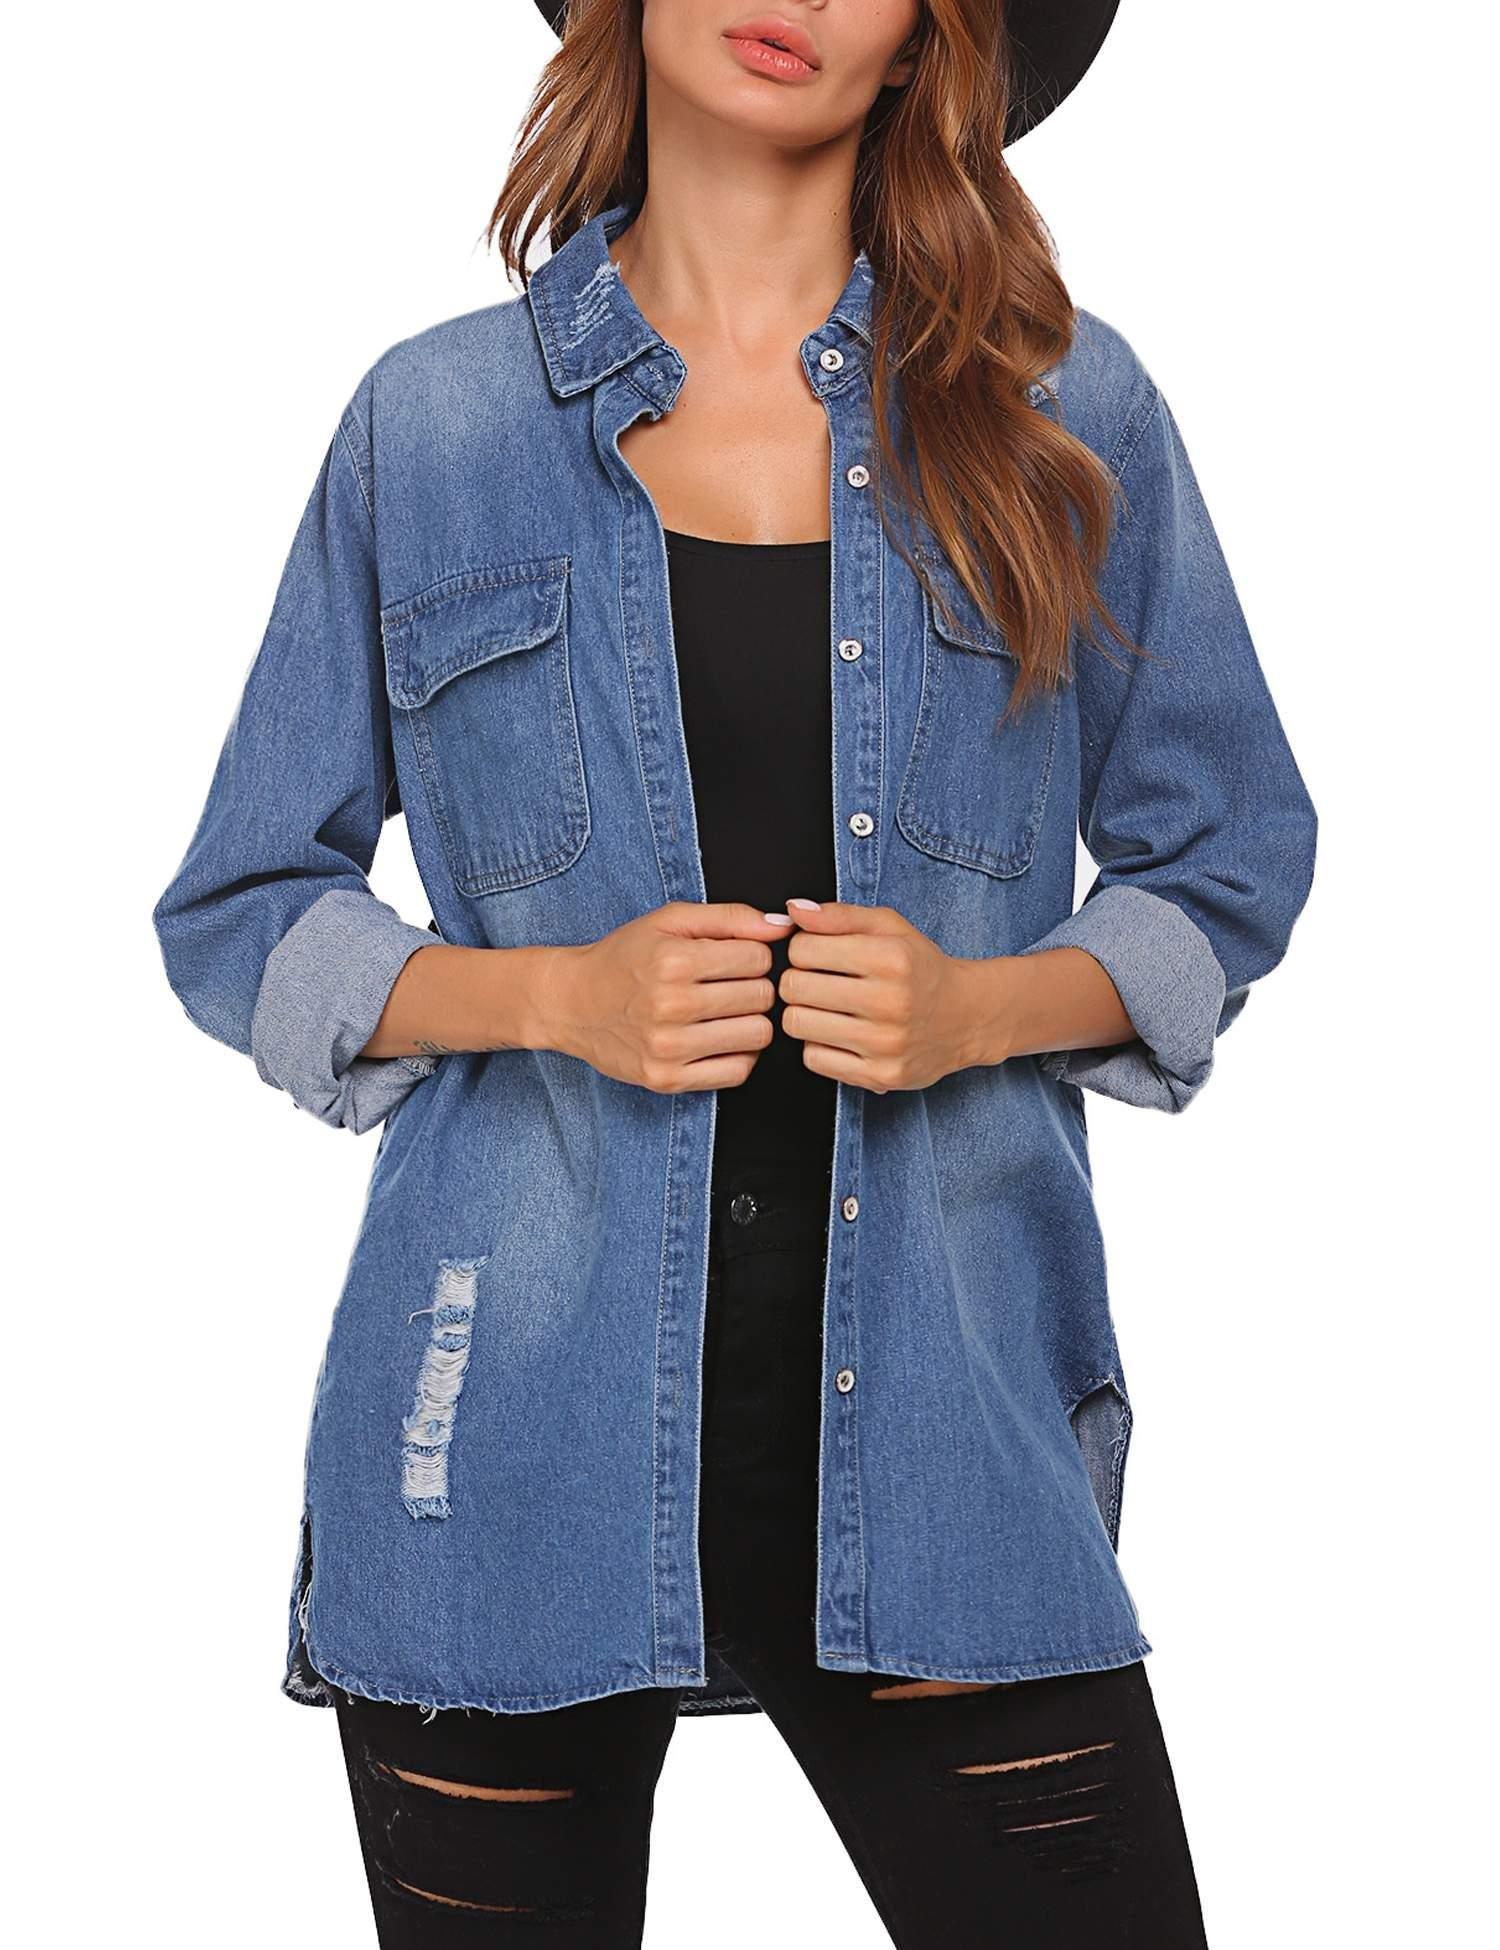 BEAUTEINE Women's Denim Jacket Long Sleeve Loose Distressed Lapel Jean Jackets,Dark Blue, X-Large